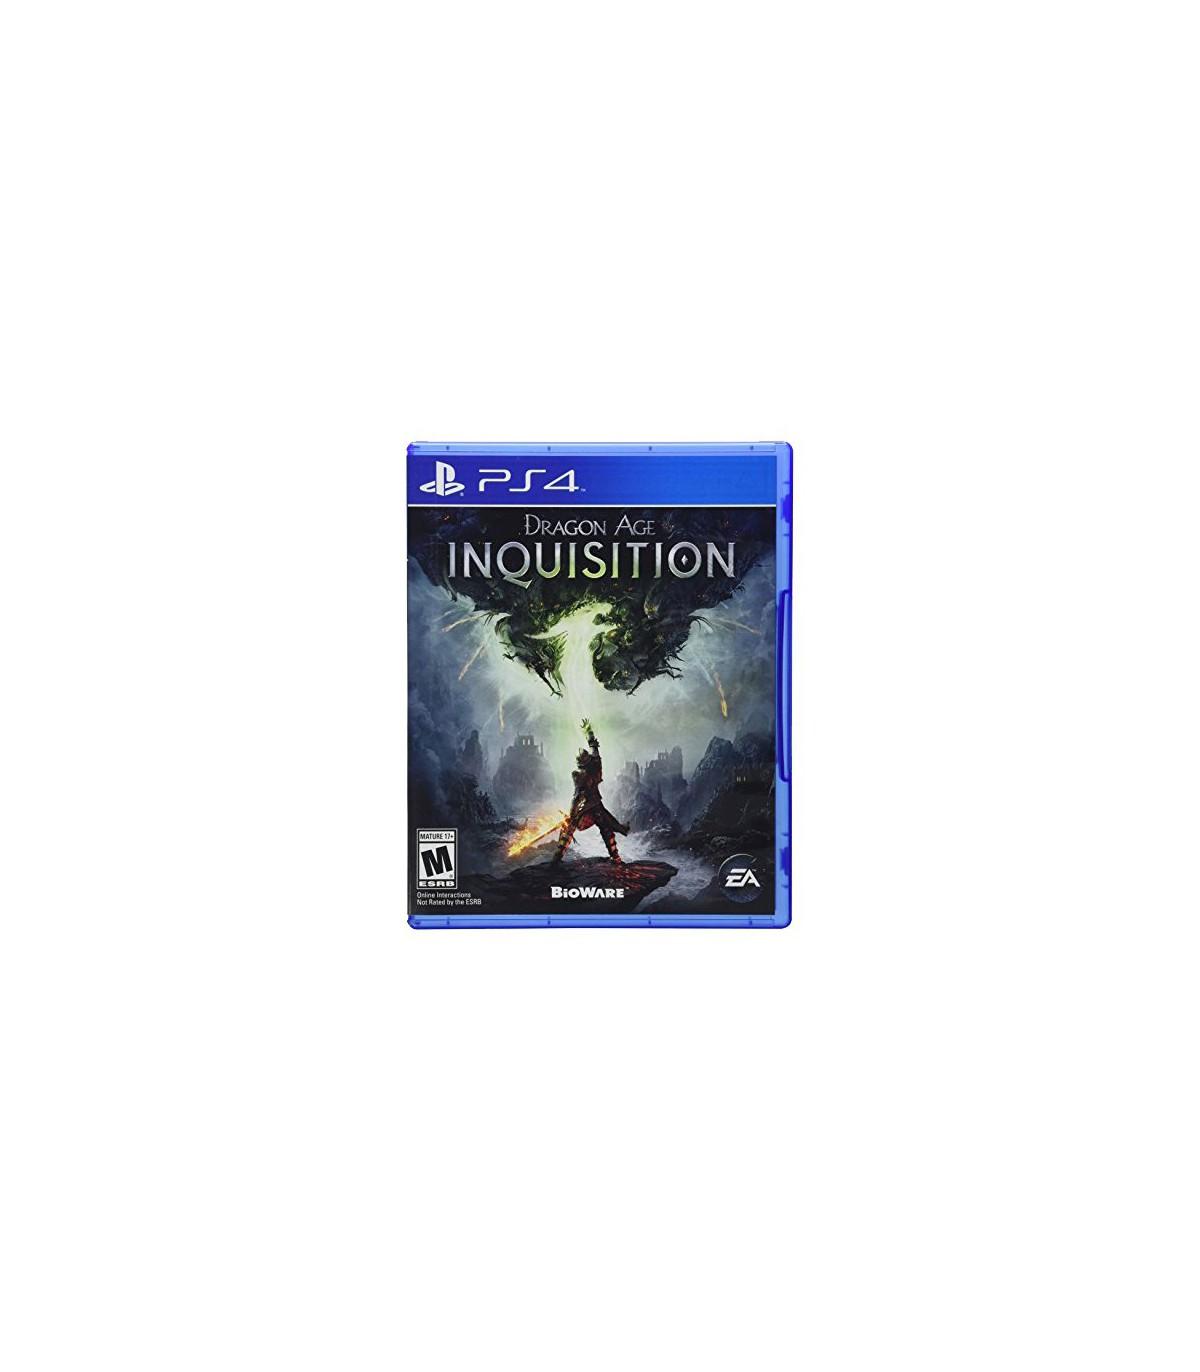 بازی Dragon Age Inquisition کارکرده